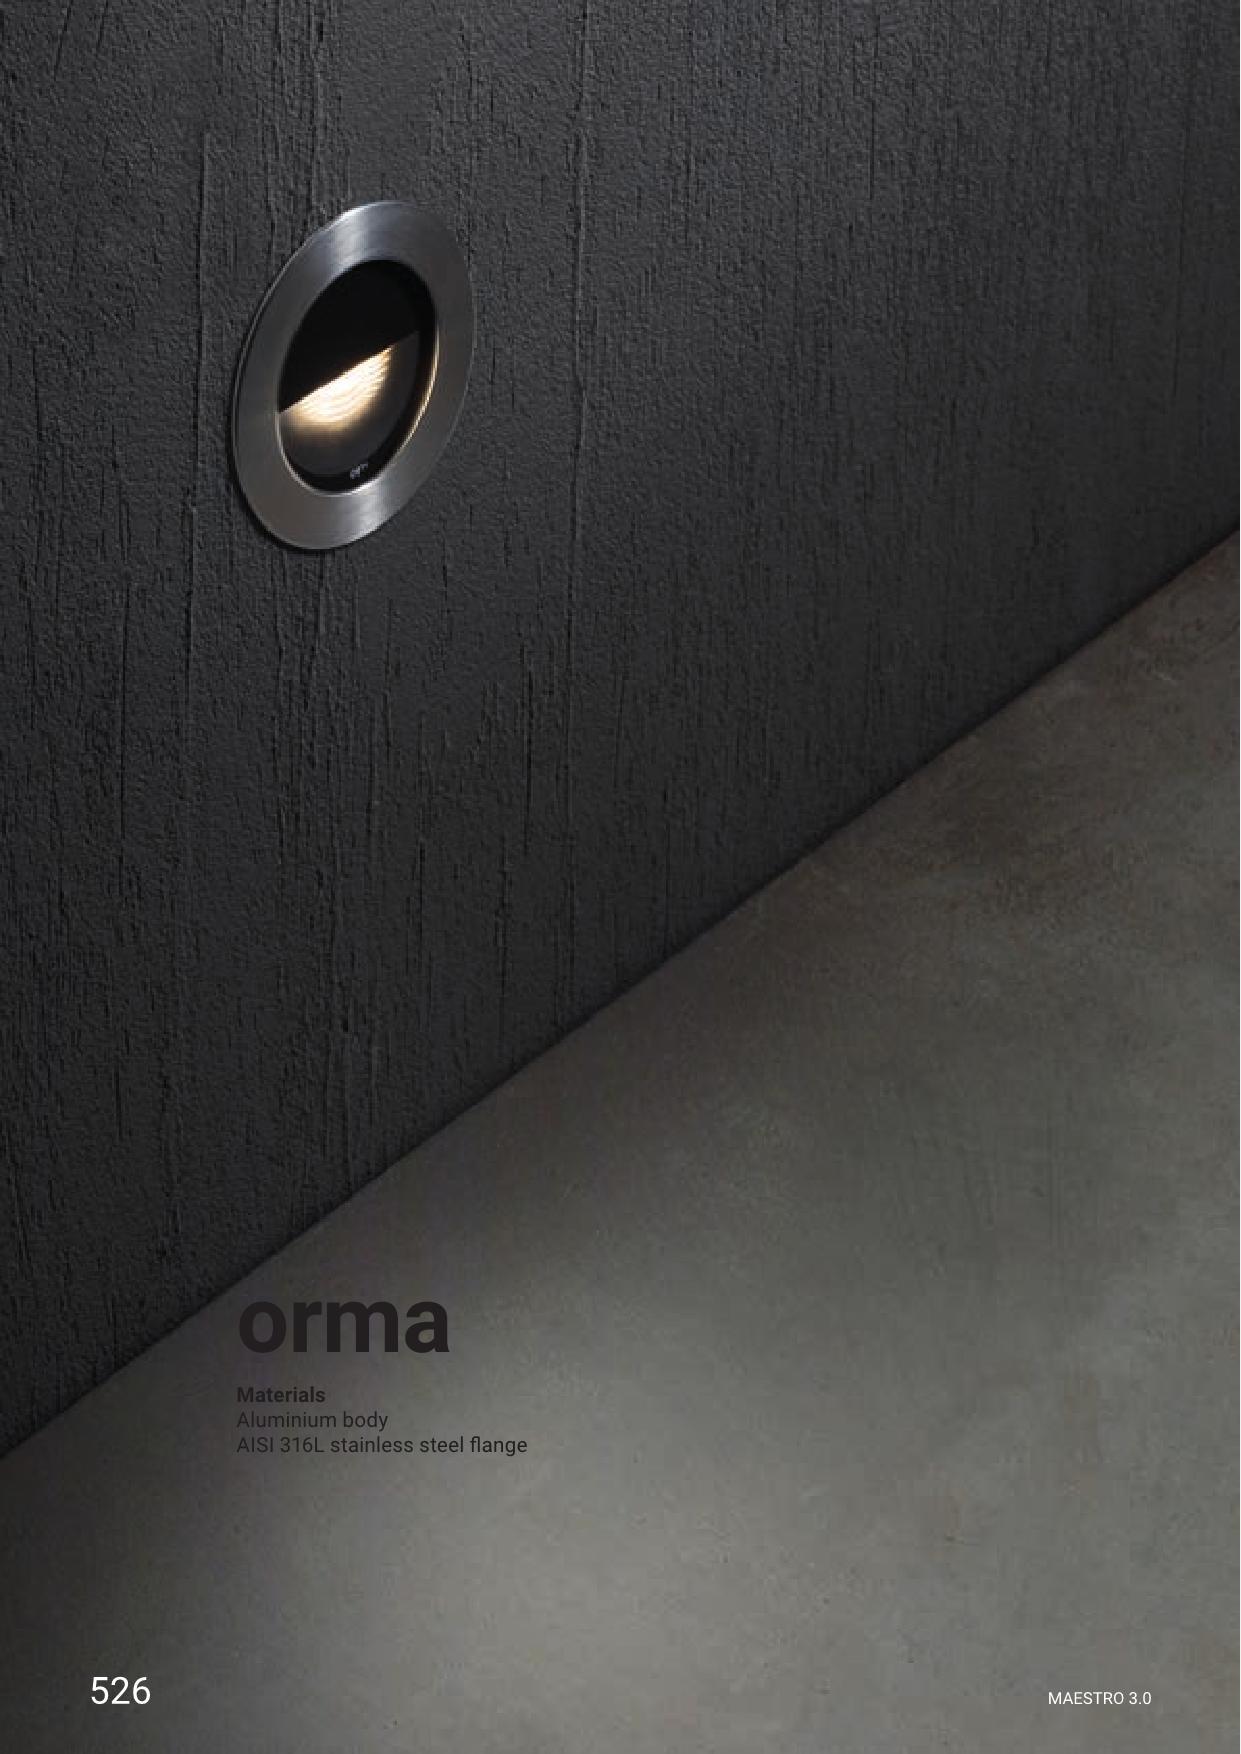 Linea Light – Orma AM